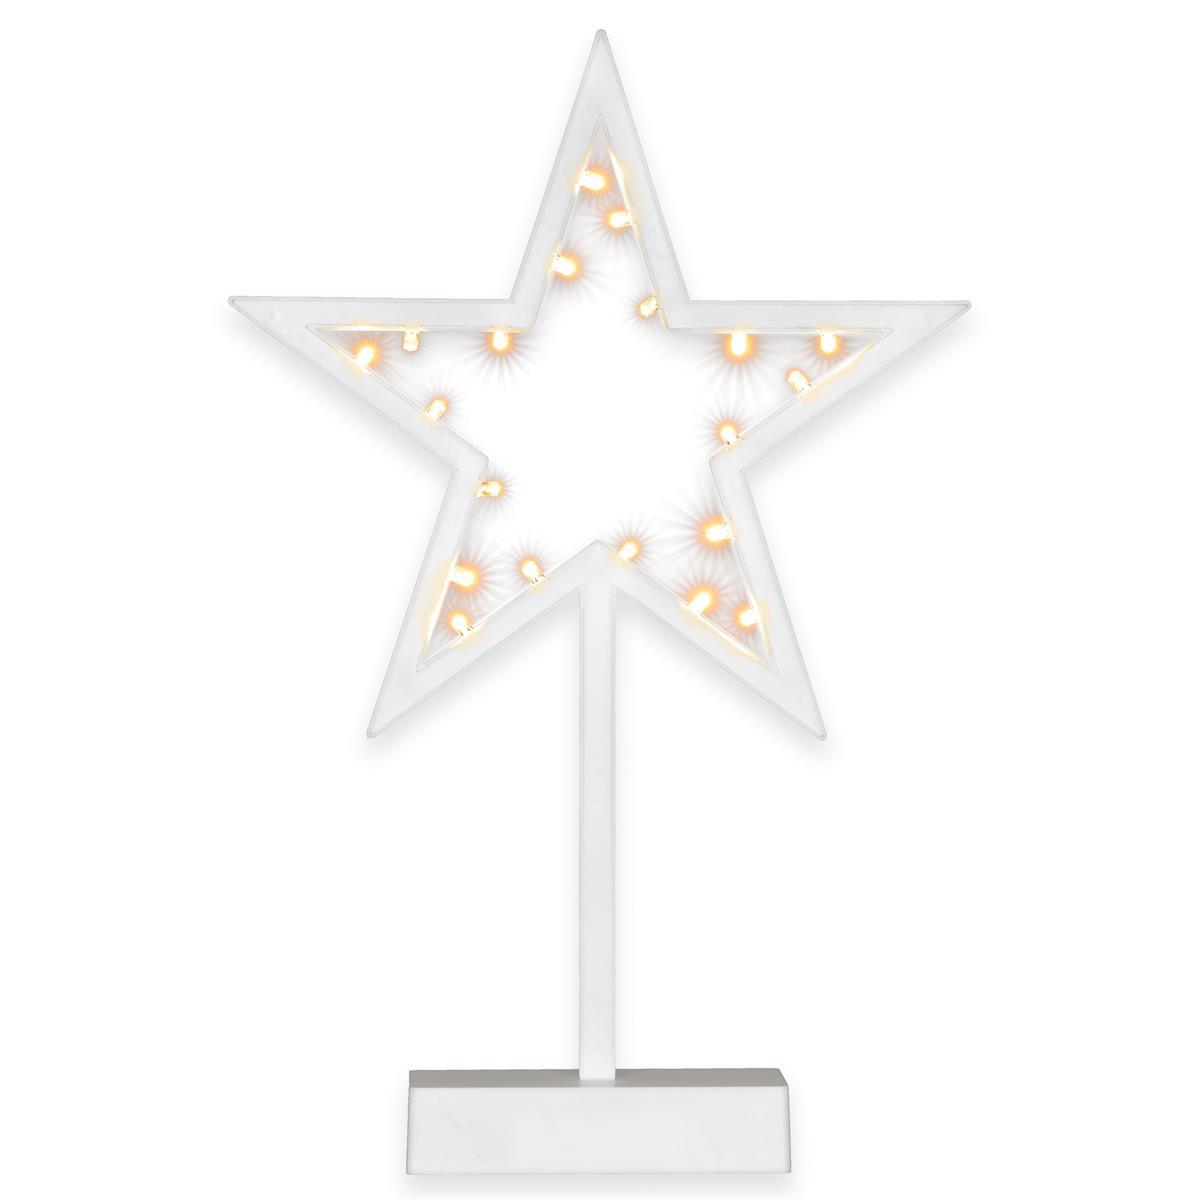 20 LED Dekoleuchte Stern warm weiß Weihnachtsstern Lichterstern Dekostern 38 cm